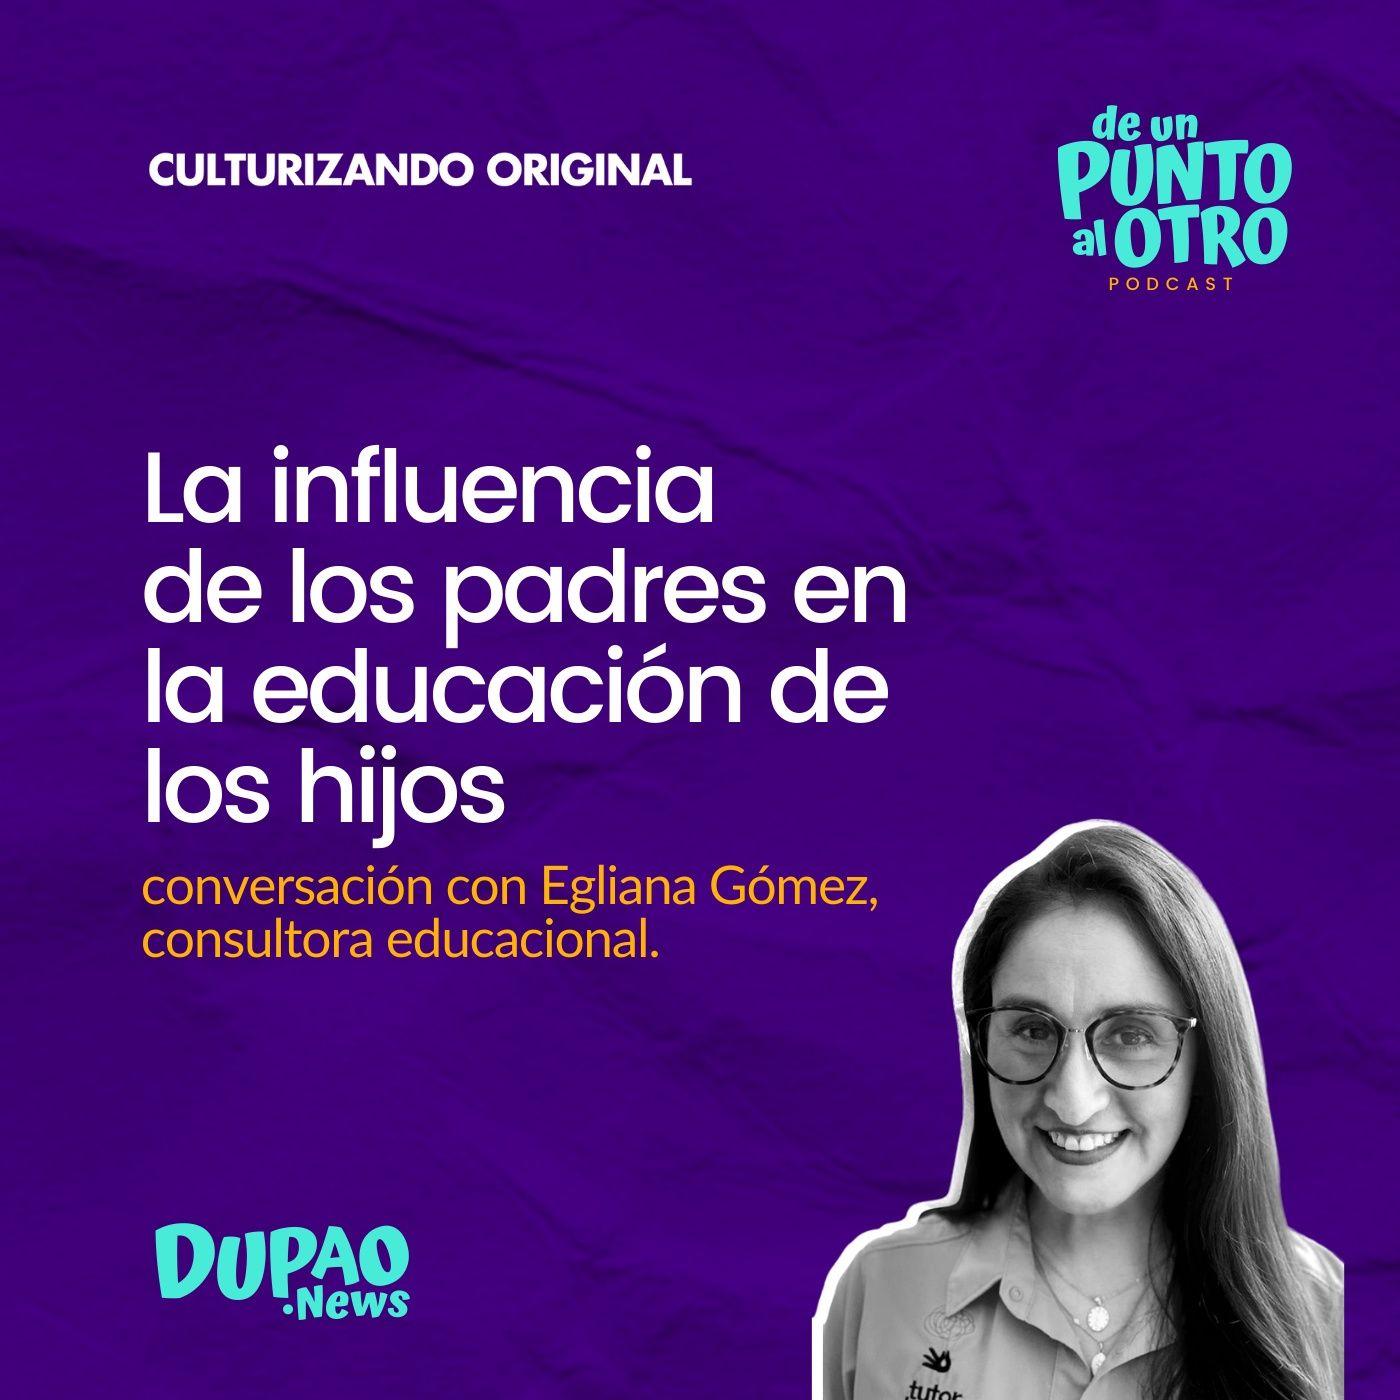 E40 • La influencia de los padres en la educación de los hijos, con Egliana Gómez • DUPAO.NEWS